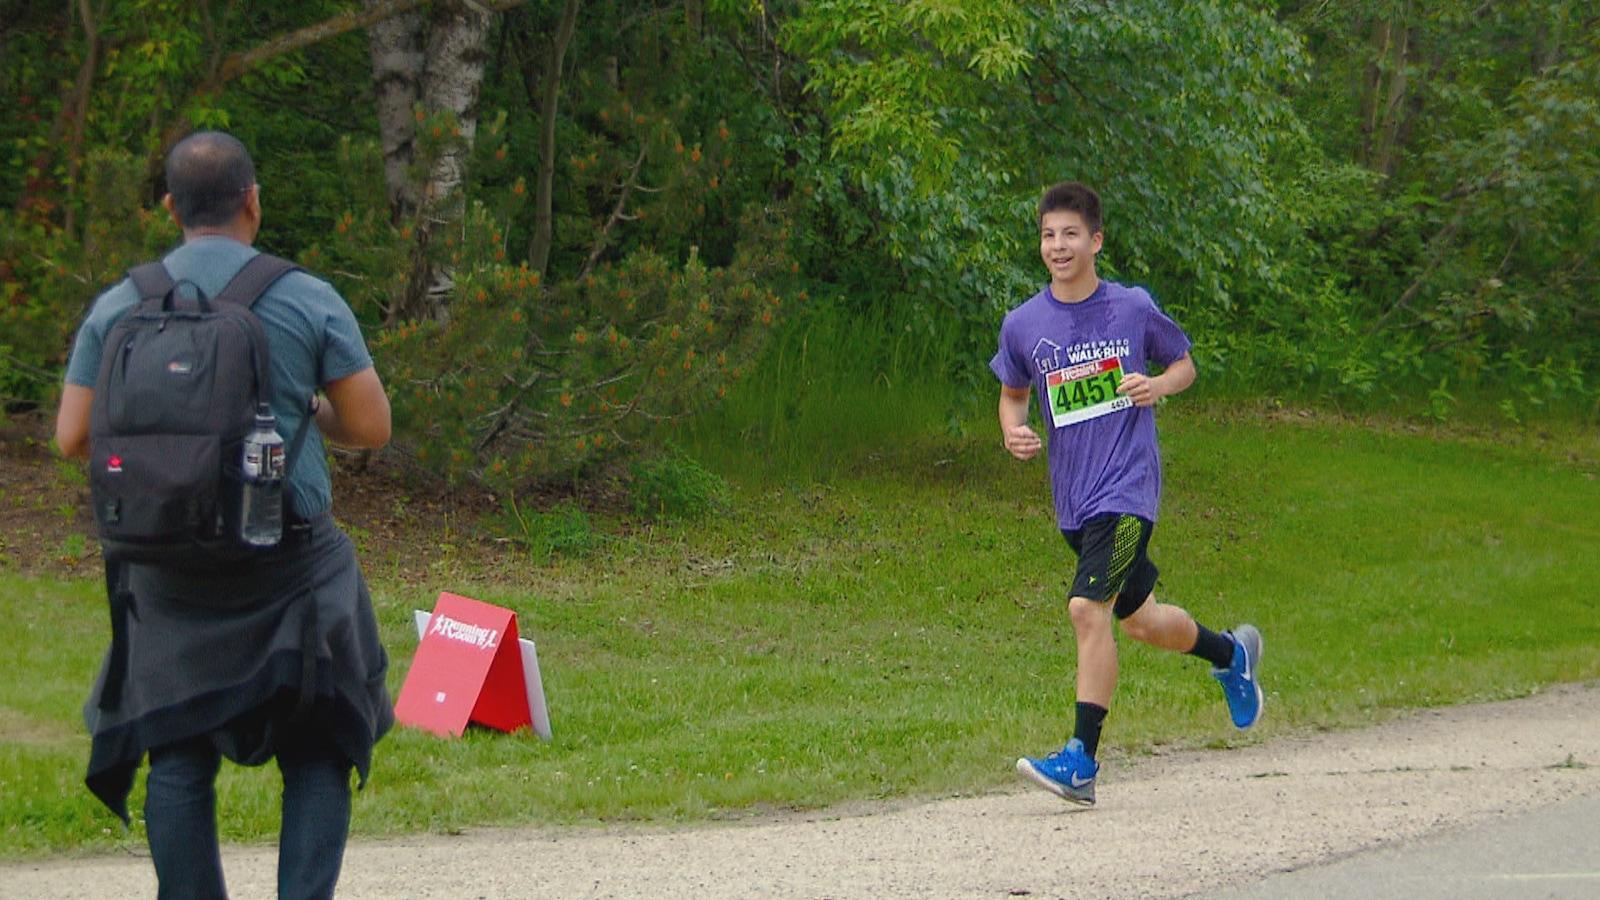 Geovani Robbins, 13 ans, alors qu'il s'apprête à passer le fil d'arrivée d'une course pour sensibiliser le public aux problèmes de l'itinérance à Edmonton.